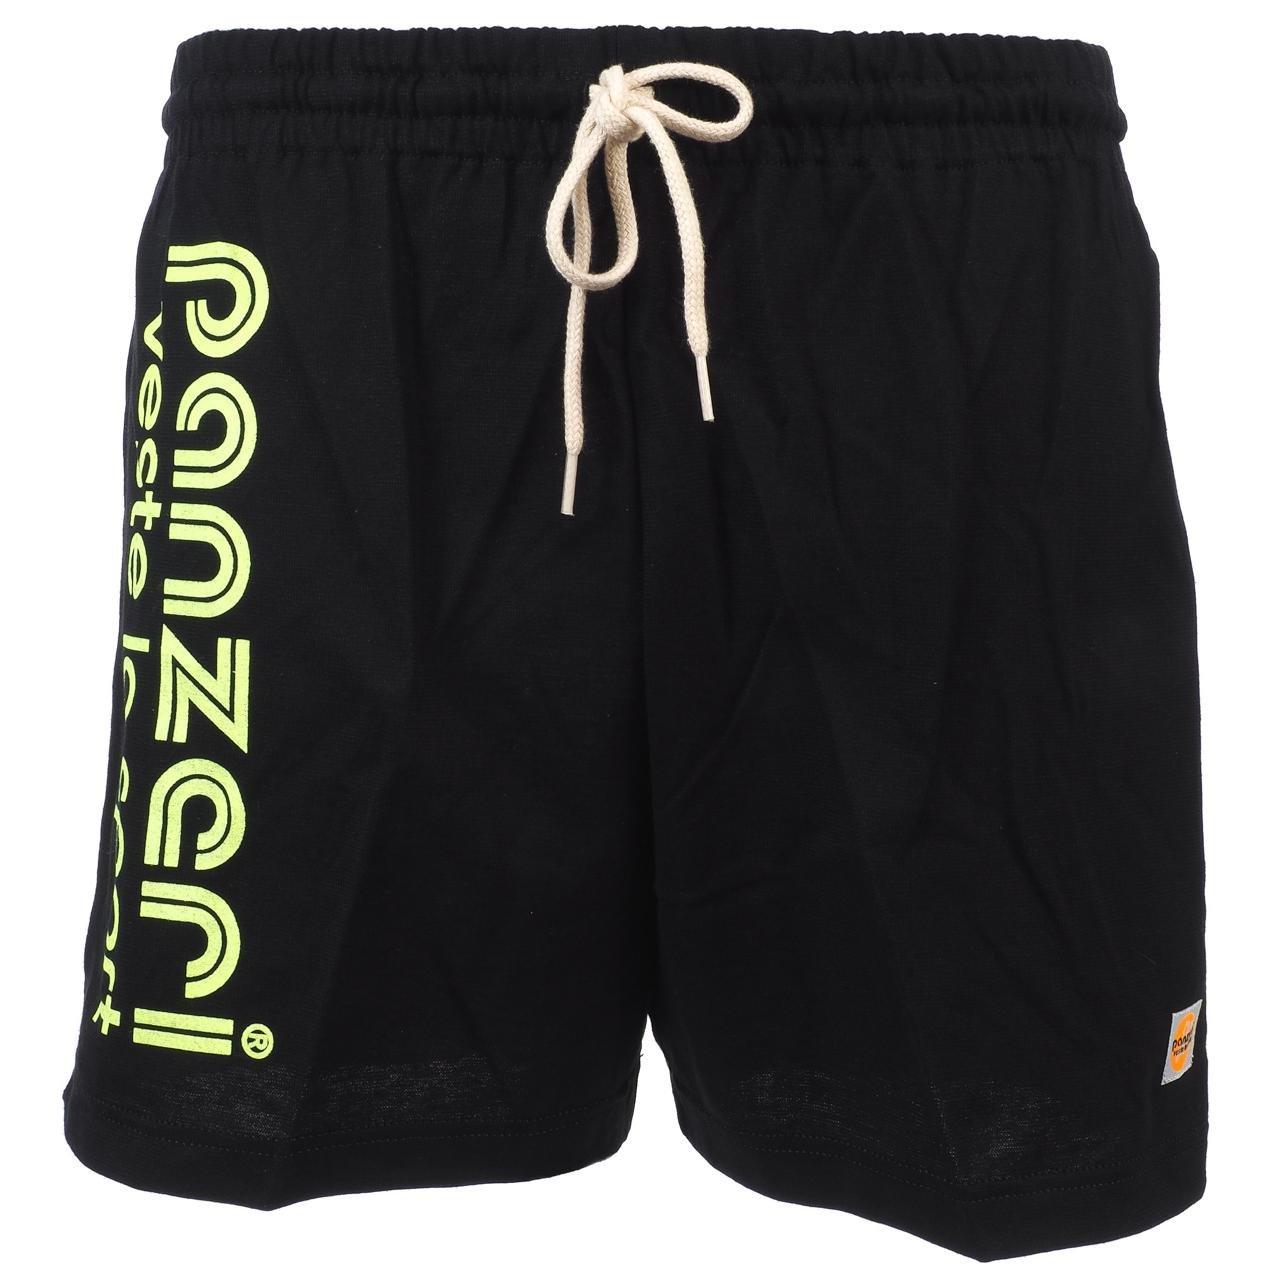 PANZERI - Uni a Noir FL jne Jersey - Shorts Multisports